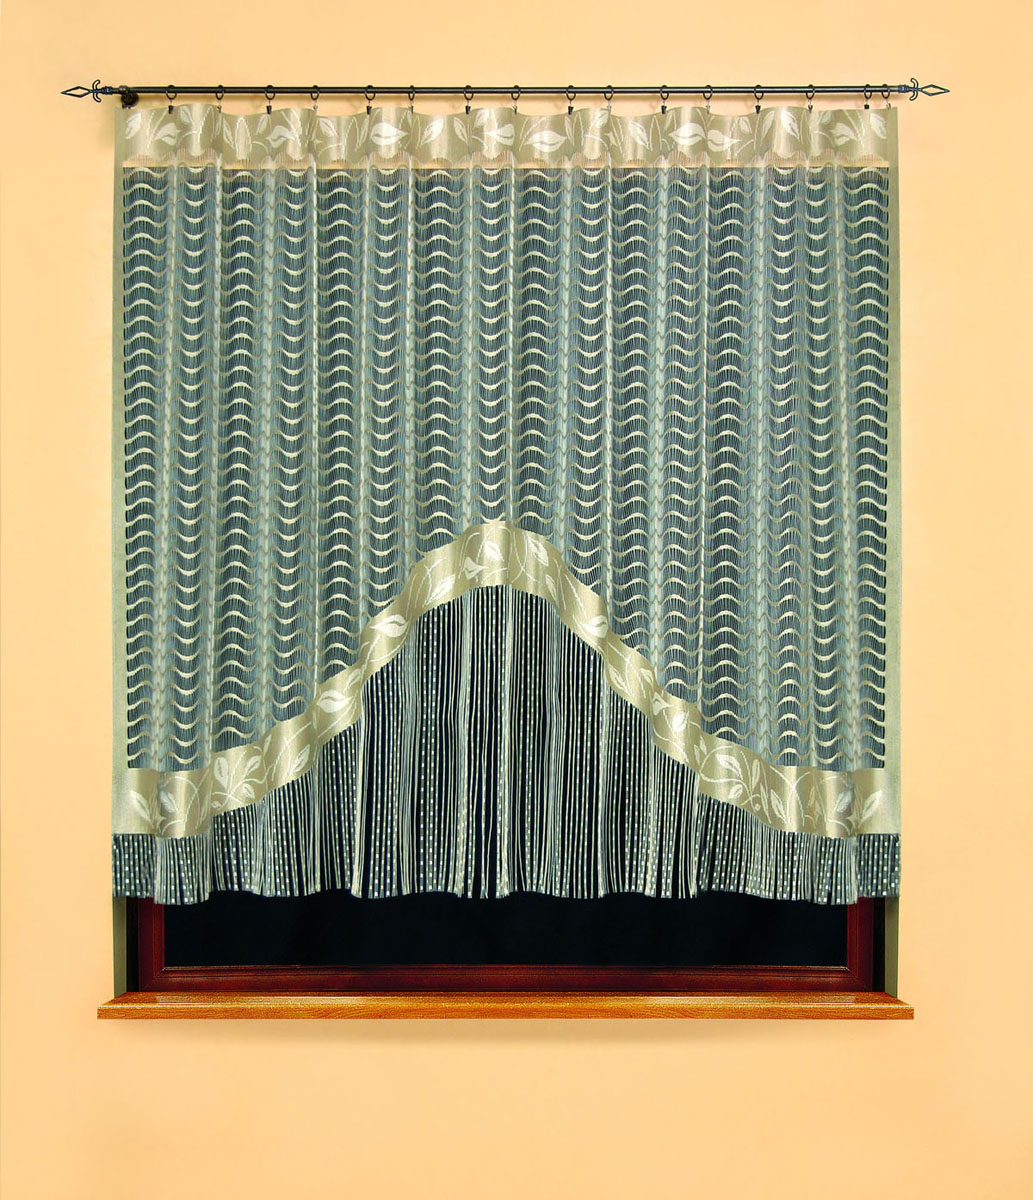 """Гардина """"Gracjana"""", изготовленная из полиэстера бежевого цвета, станет великолепным украшением любого окна. Нижняя часть гардины оформлена бахромой. Тонкое плетение, оригинальный дизайн и нежная цветовая гамма привлекут внимание и украсят интерьер помещения. Гардина крепится к карнизу только с помощью зажимов (в комплект не входят). Характеристики:Материал: 100% полиэстер. Цвет: бежевый. Размер упаковки:  37 см х 26 см х 4 см. Артикул: 582266.В комплект входит: Гардина - 1 шт. Размер (ШхВ): 300 см х 180 см. Фирма """"Wisan"""" на польском рынке существует уже более пятидесяти лет и является одной из лучших польских фабрик по производству штор и тканей. Ассортимент фирмы представлен готовыми комплектами штор для гостиной, детской, кухни, а также текстилем для кухни (скатерти, салфетки, дорожки, кухонные занавески). Модельный ряд отличает оригинальный дизайн, высокое качество. Ассортимент продукции постоянно пополняется."""